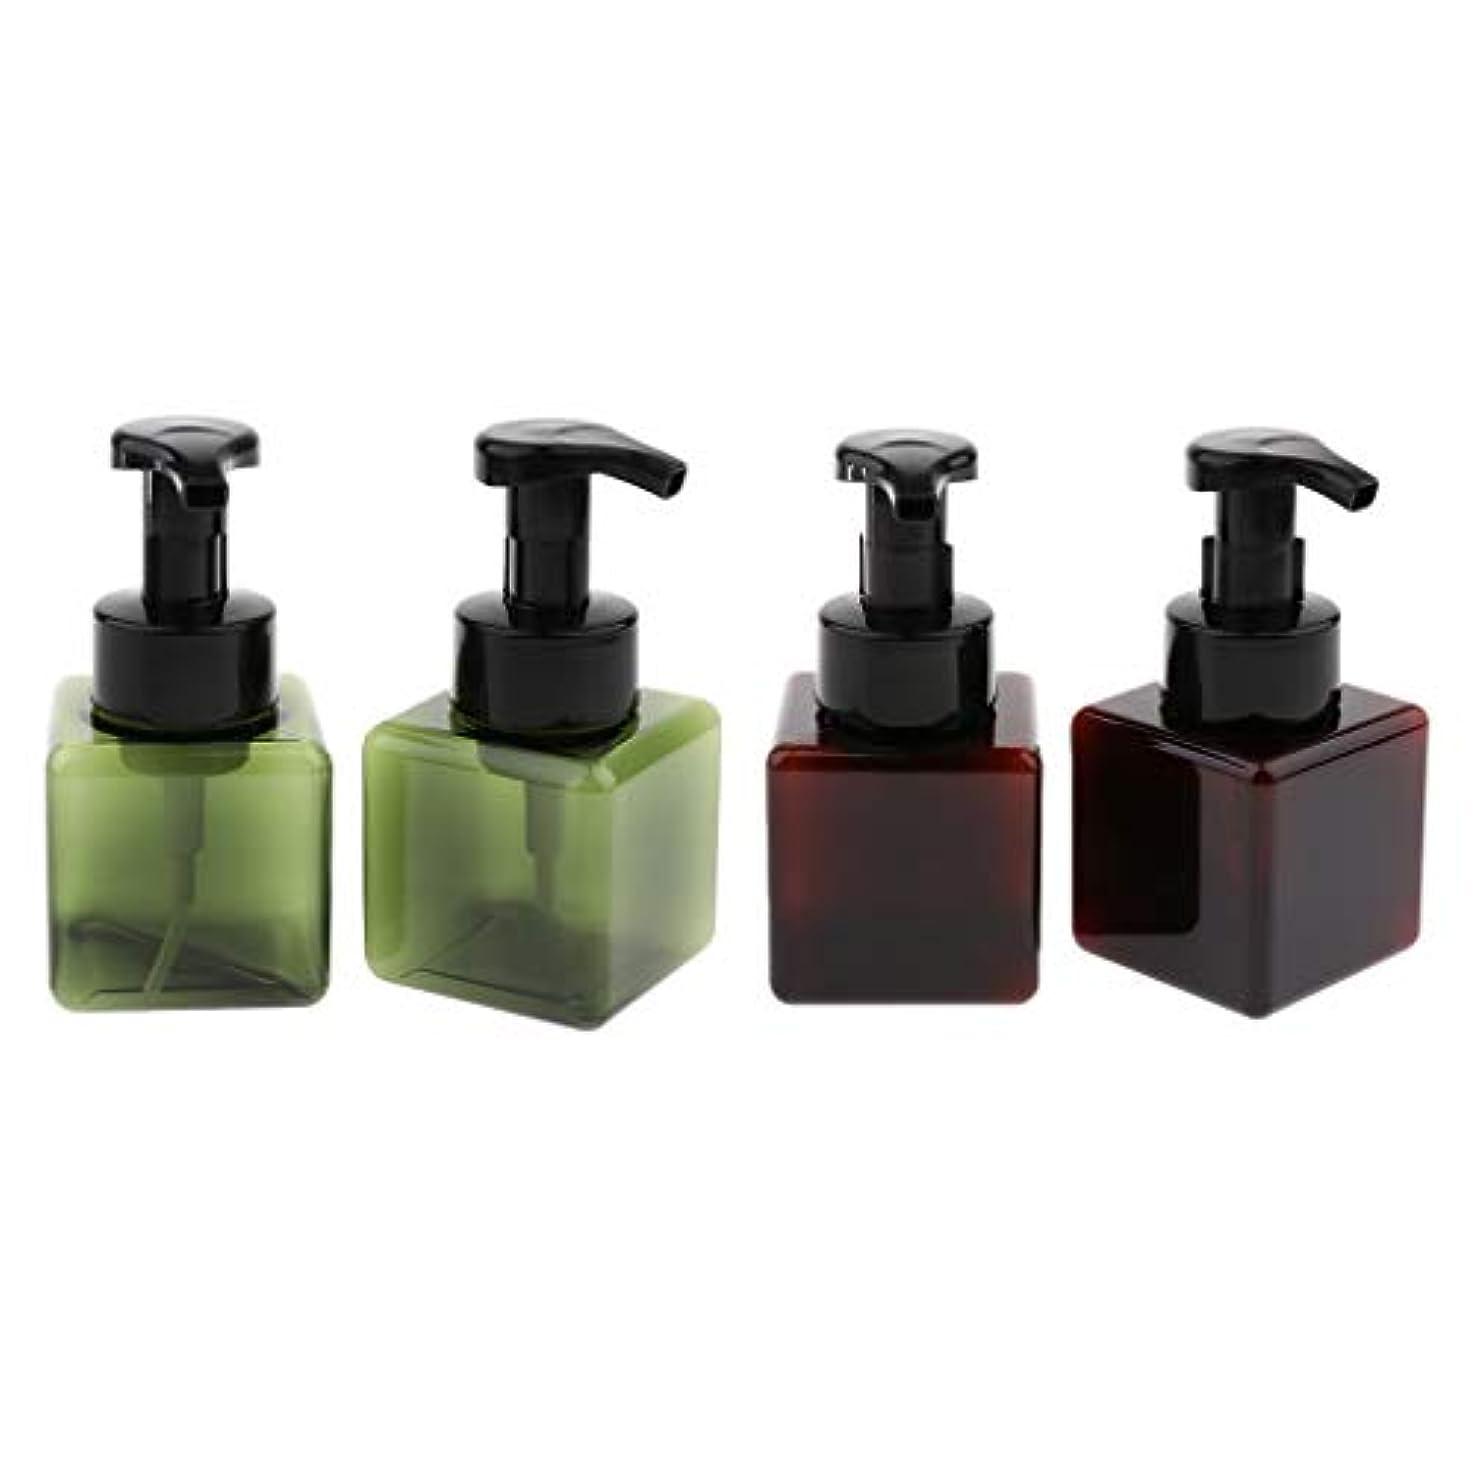 ファックス売る夜明け小分けボトル 泡ポンプボトル 詰め替え容器 ディスペンサー スクエア 再利用可 250ml 4個 全5色 - ダークグリーン+ブラウン